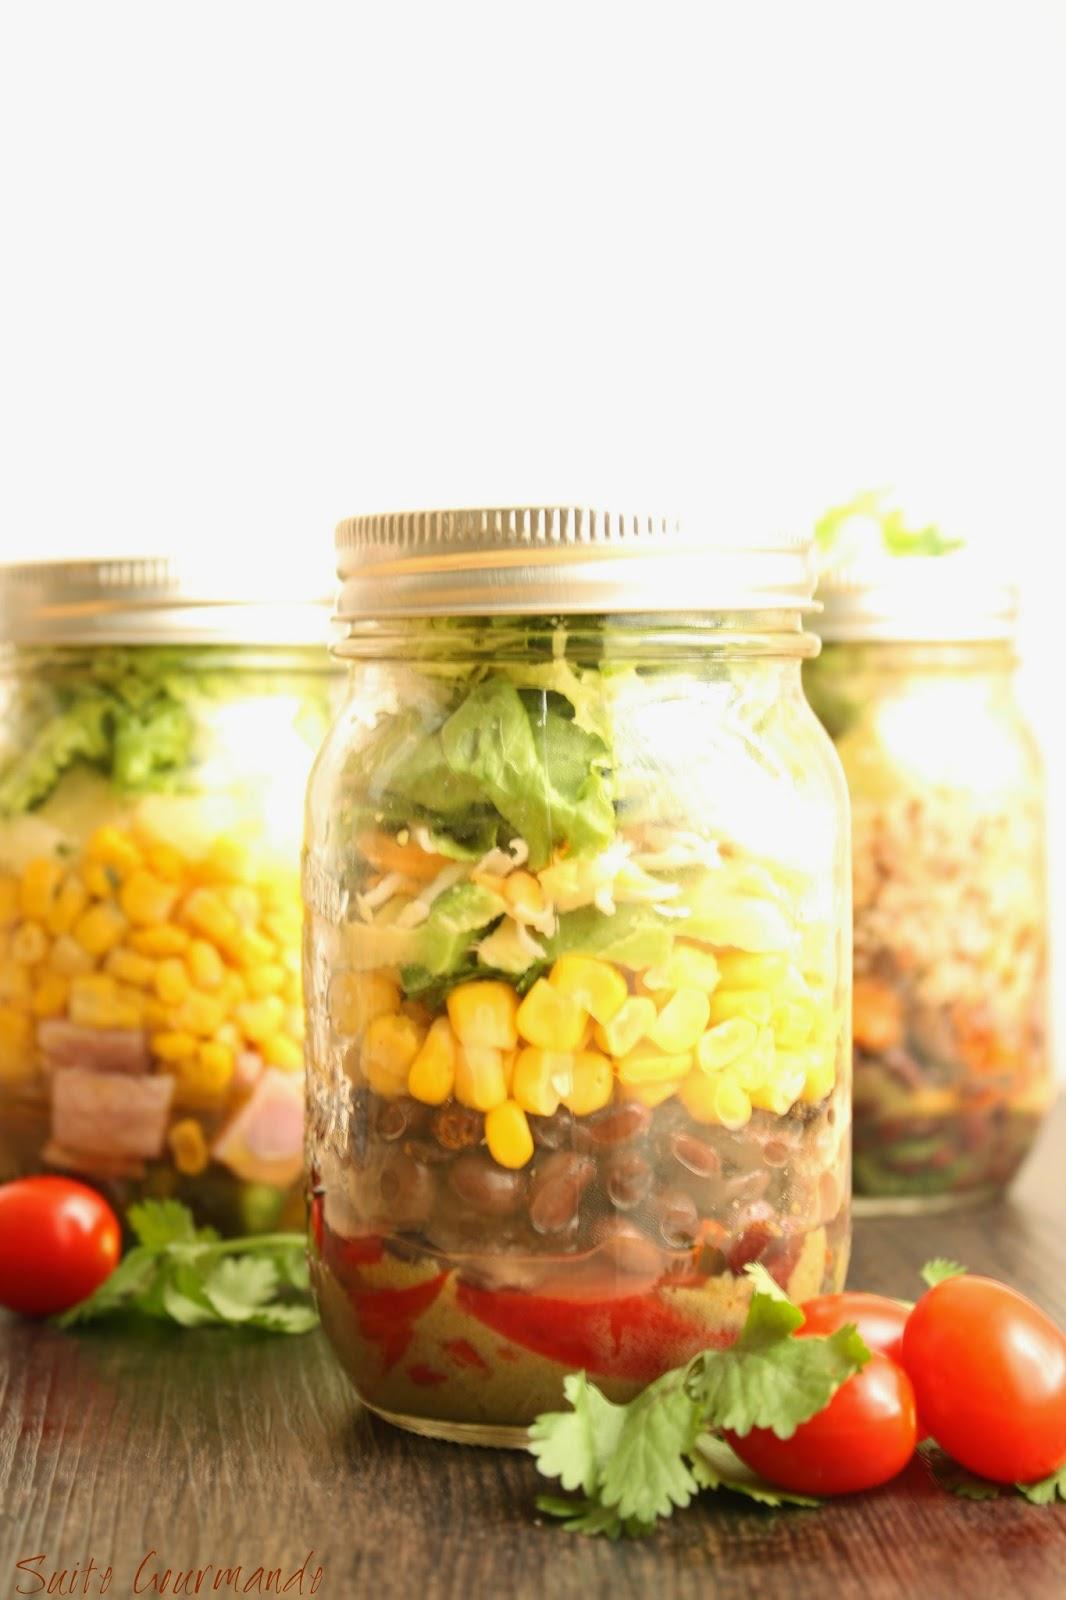 Suite gourmande comme une salade repas dans un bocal - Salade en bocal ...